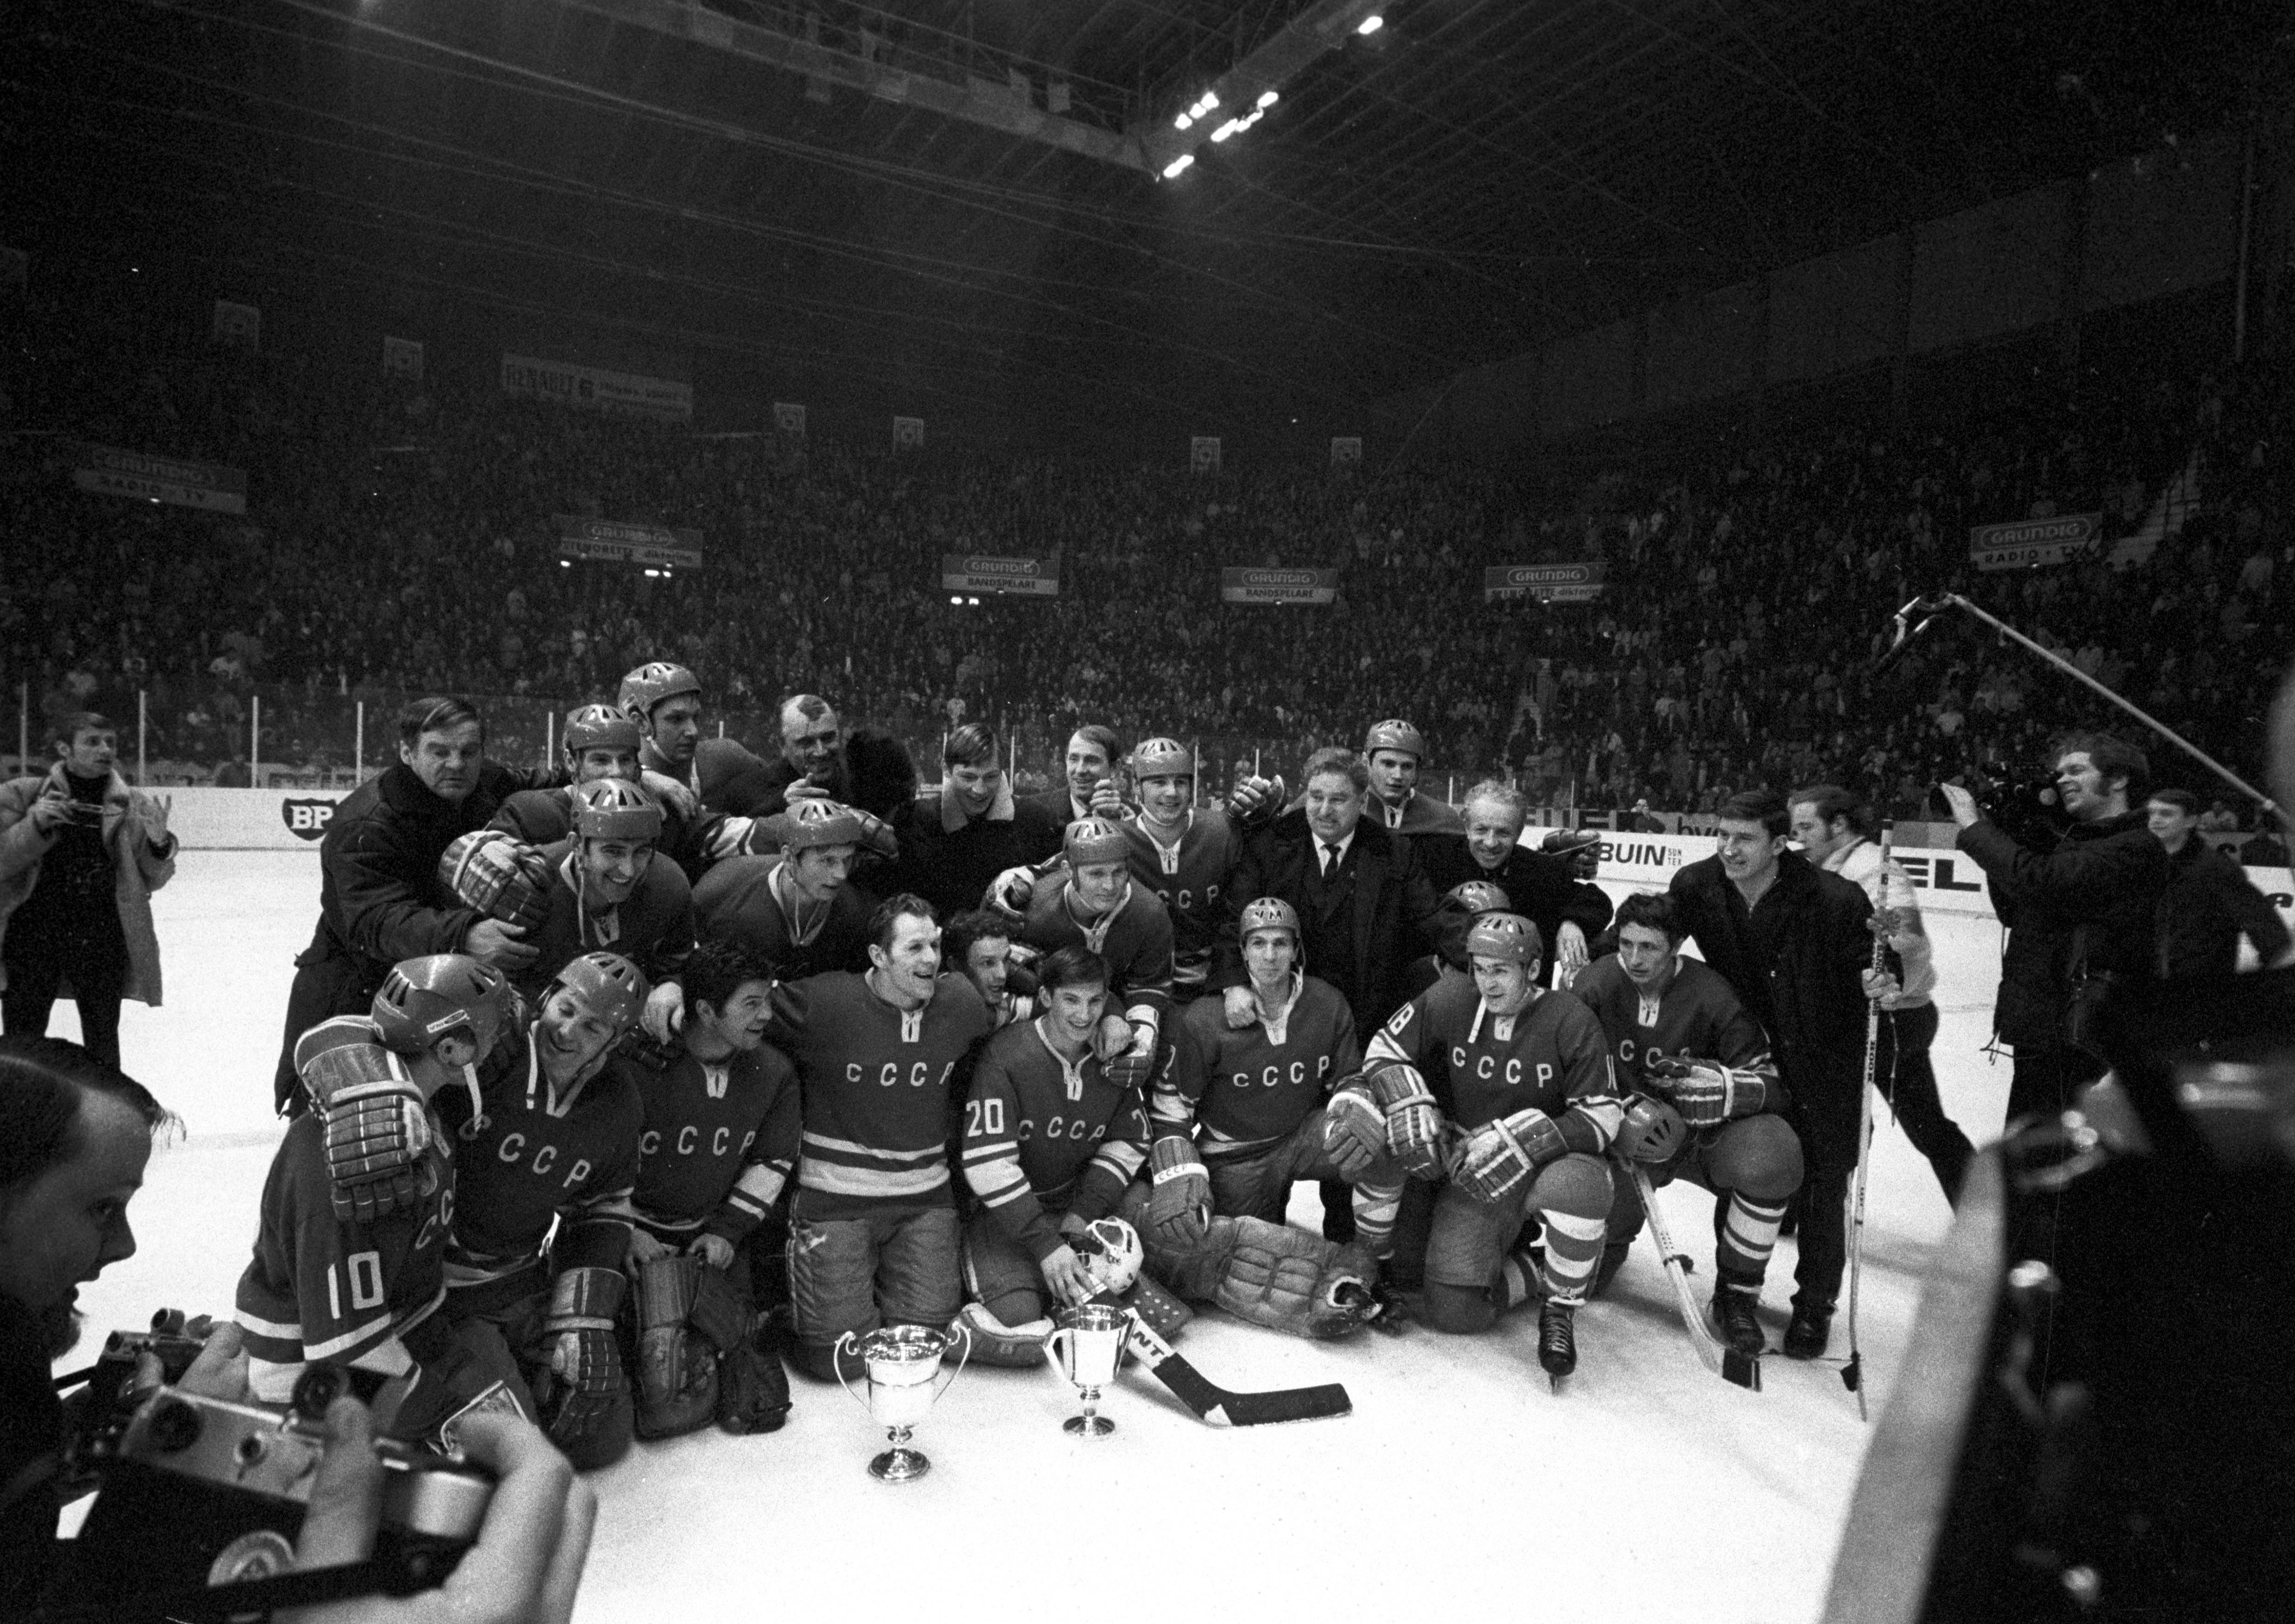 Сборная СССР по хоккею — чемпион мира 1970 года. Фото: © РИА Новости/Юрий Сомов